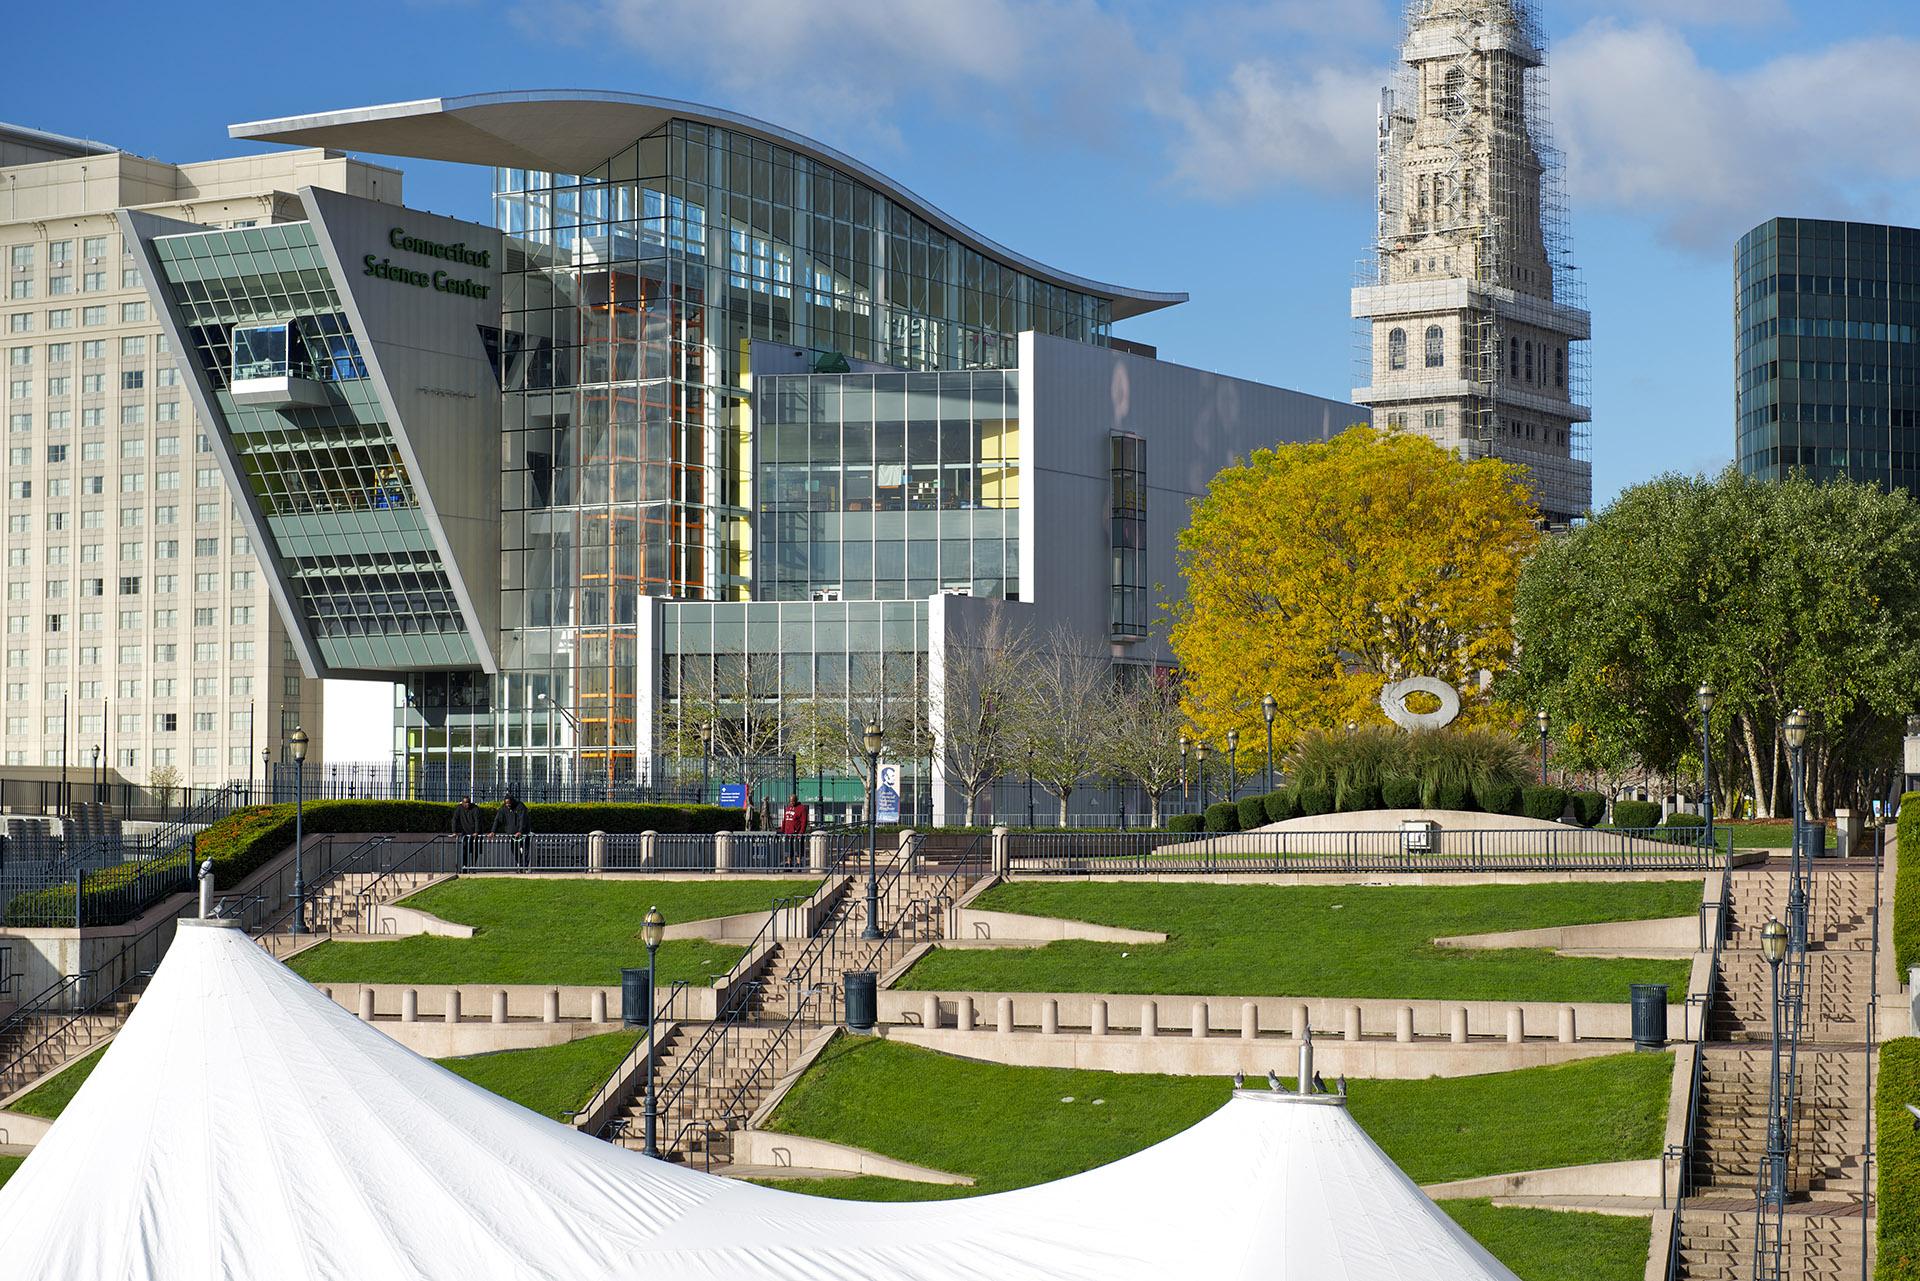 El Connecticut Science Center también estuvo diseñado por César Pelli. Con su fachada vidriada, el edificio se inauguró el 12 de junio de 2009 y cuenta con 14.300 m2